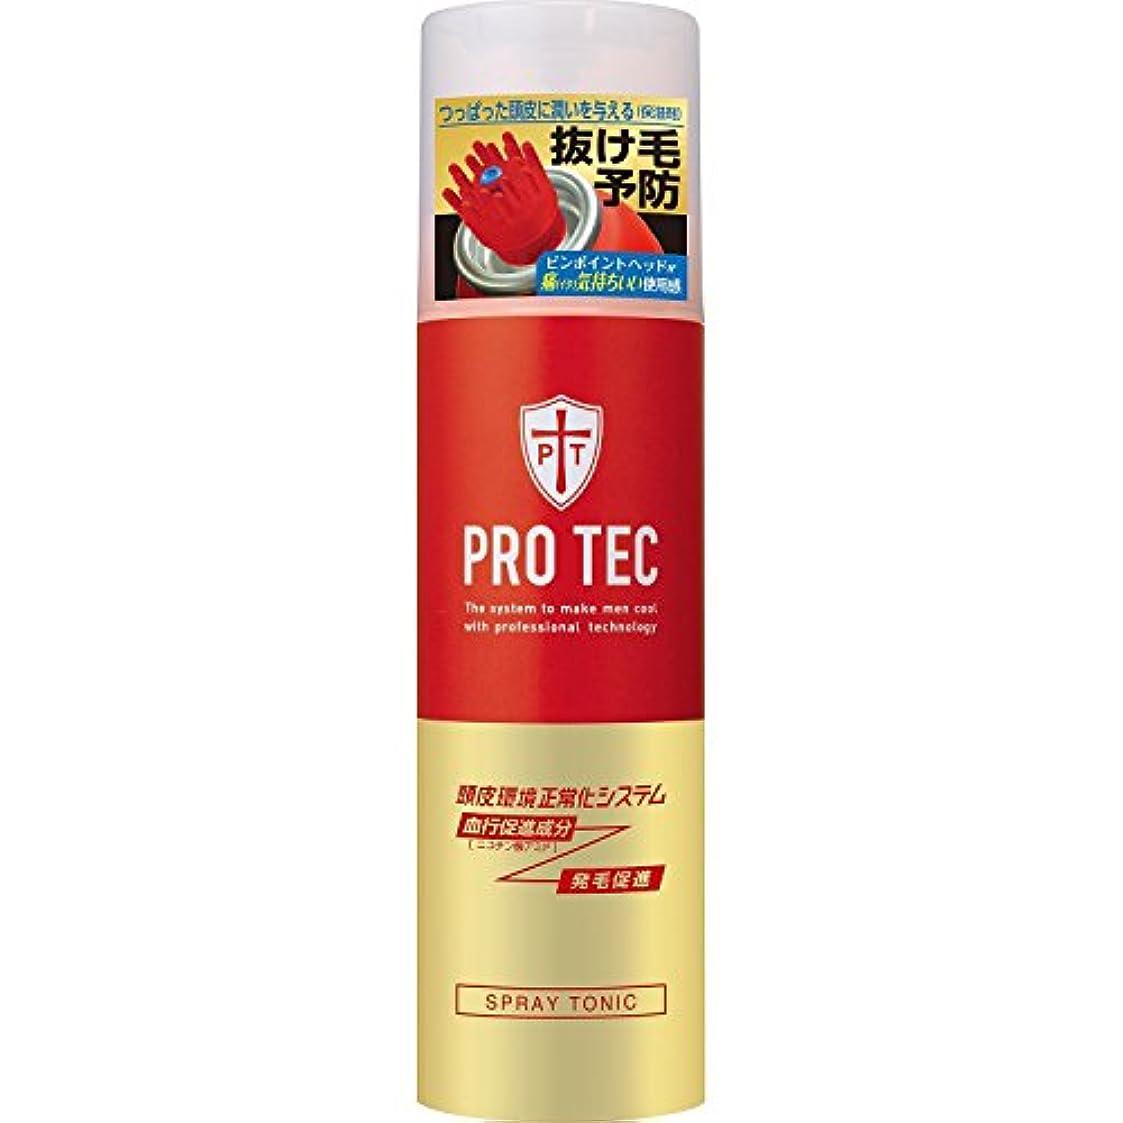 作物付き添い人フレキシブルPRO TEC(プロテク) スプレートニック 150g (医薬部外品) ×20個セット